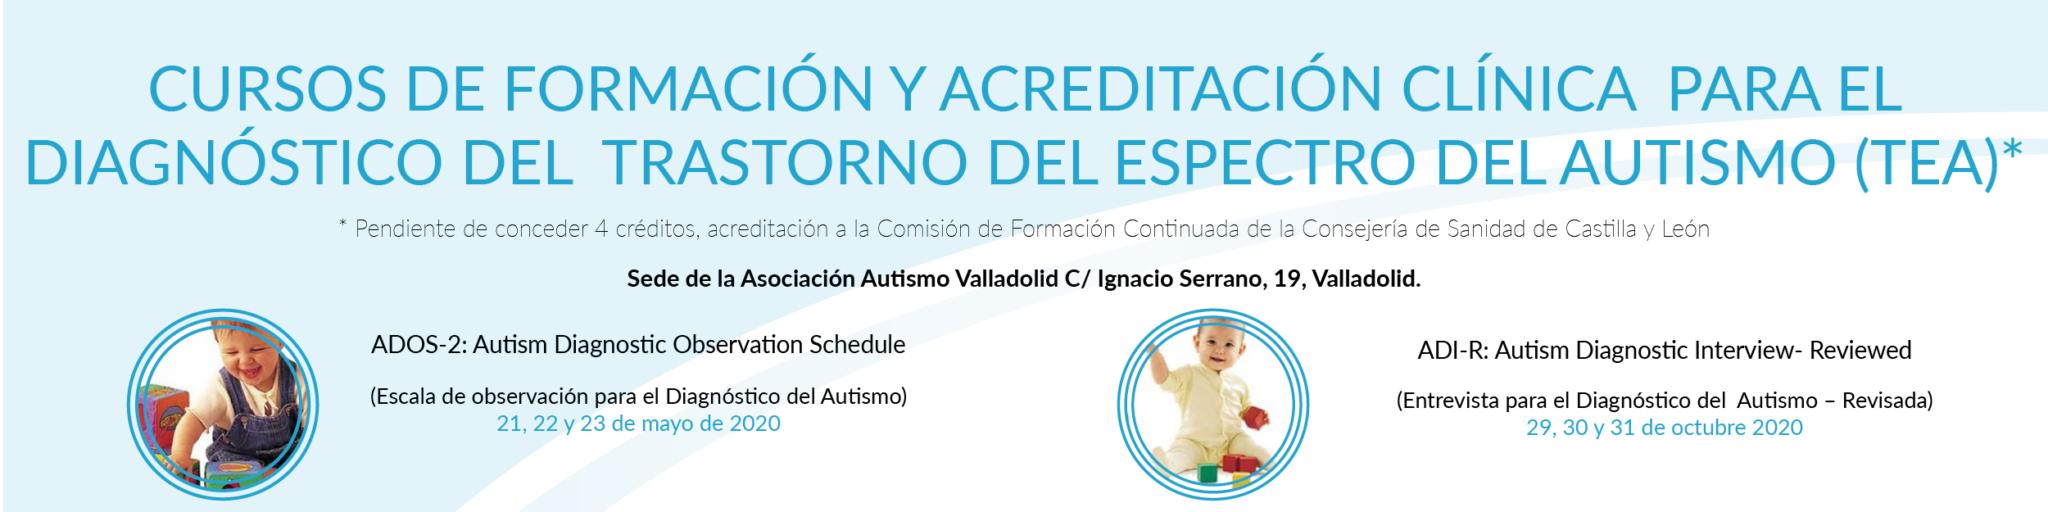 Cursos de Formación y Acreditación Clínica para el Diagnóstico del Trastorno del Espectro del Autismo (TEA): ADOS-2 y ADI-R